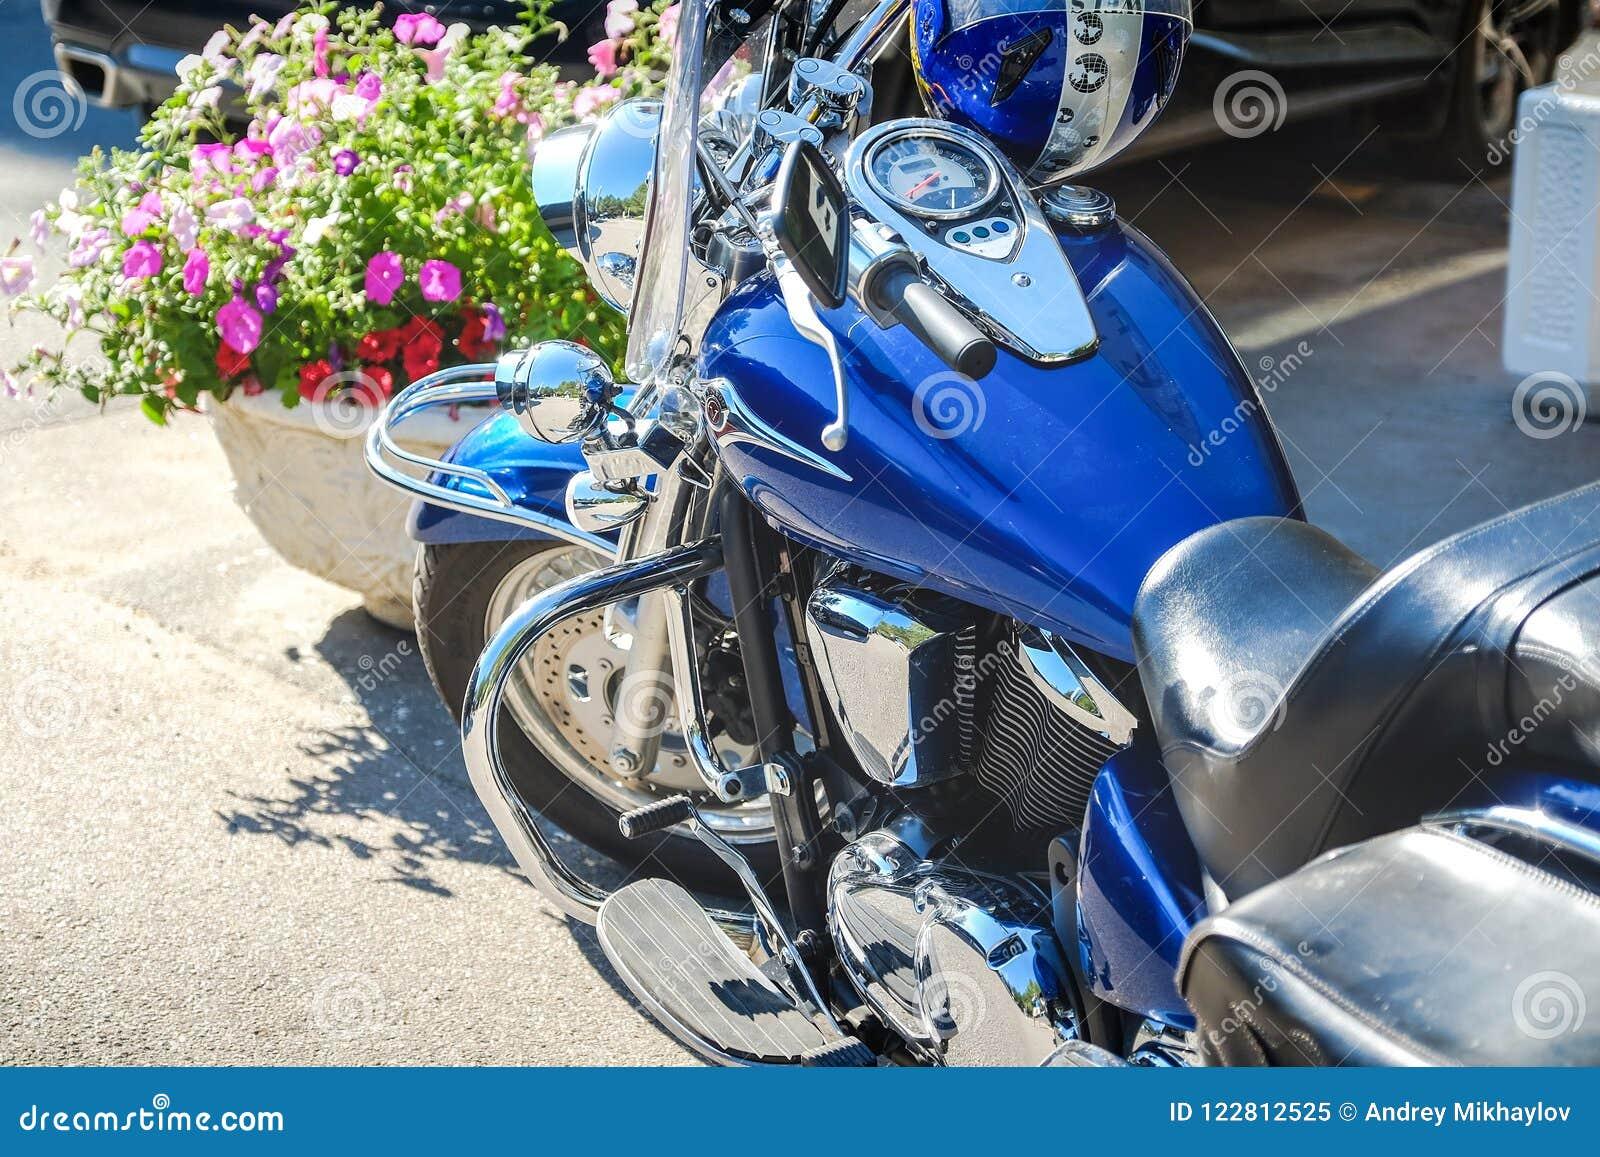 Всадники полюбят Подрезанная съемка съемки вилок мотоцикла, автошины и переднего колеса Тормозная система дискового тормоза на мо